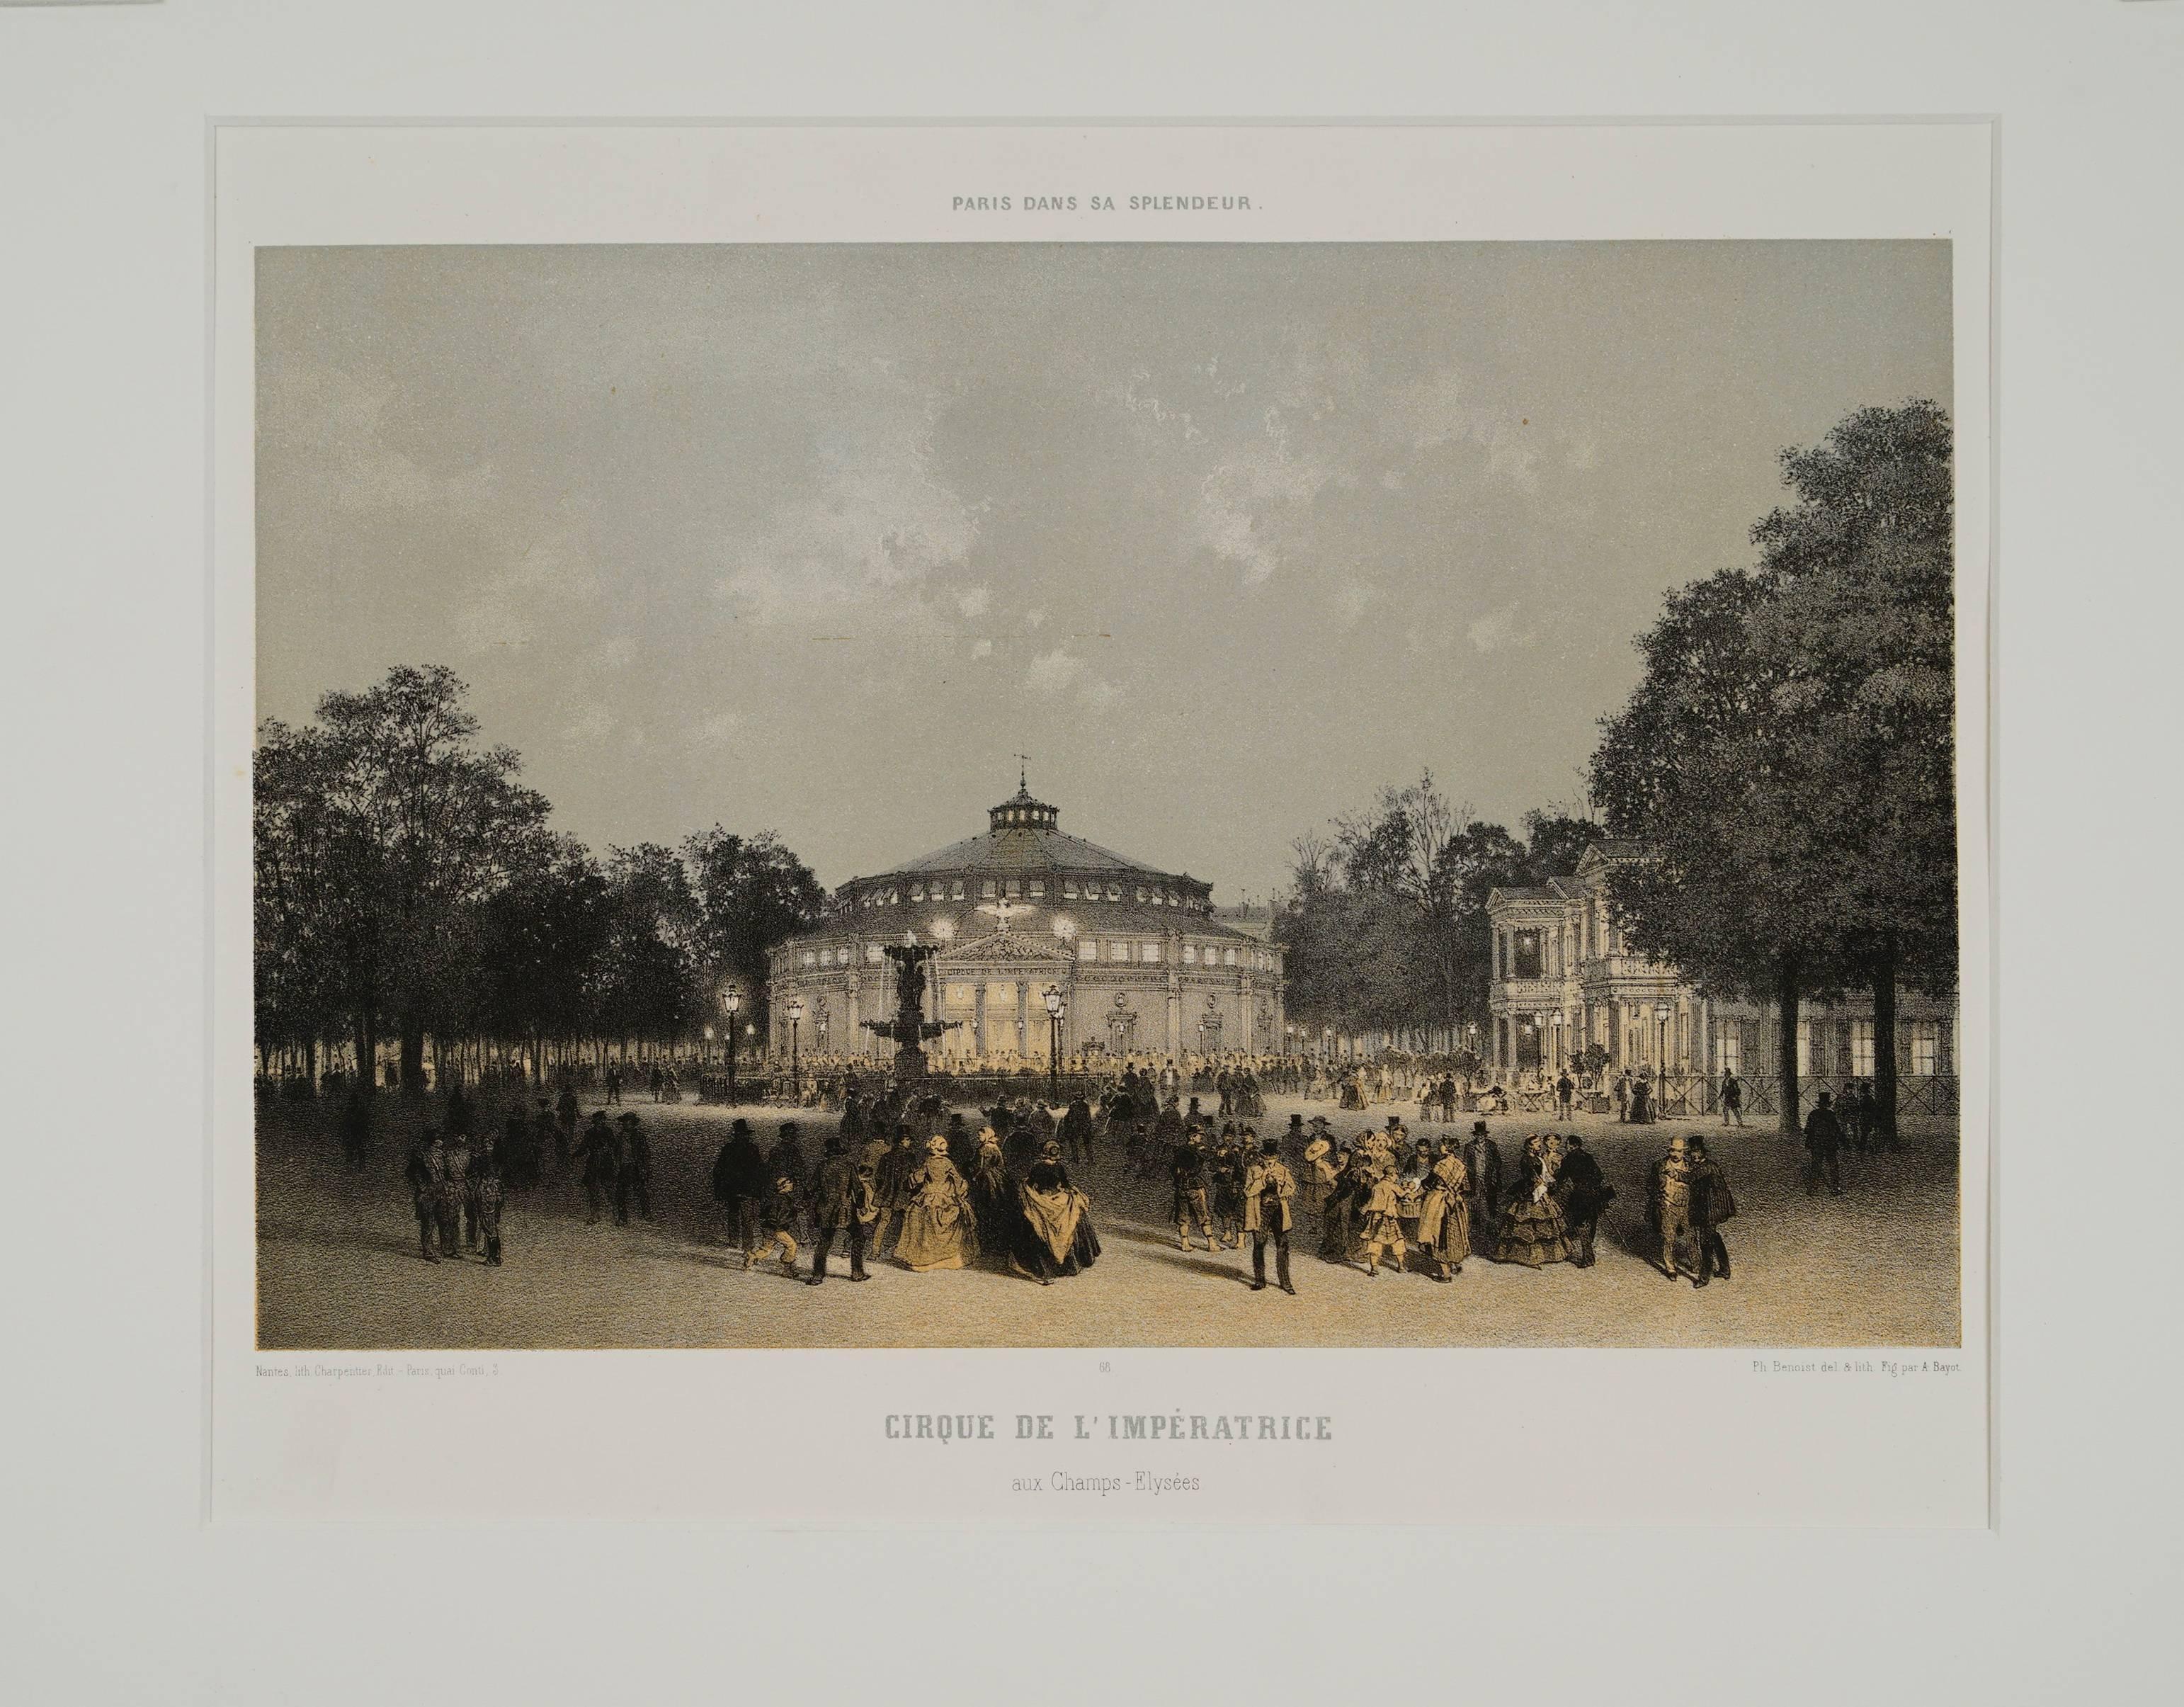 Cirque de l'Imperatrice aux Champs-Elyssees, Paris